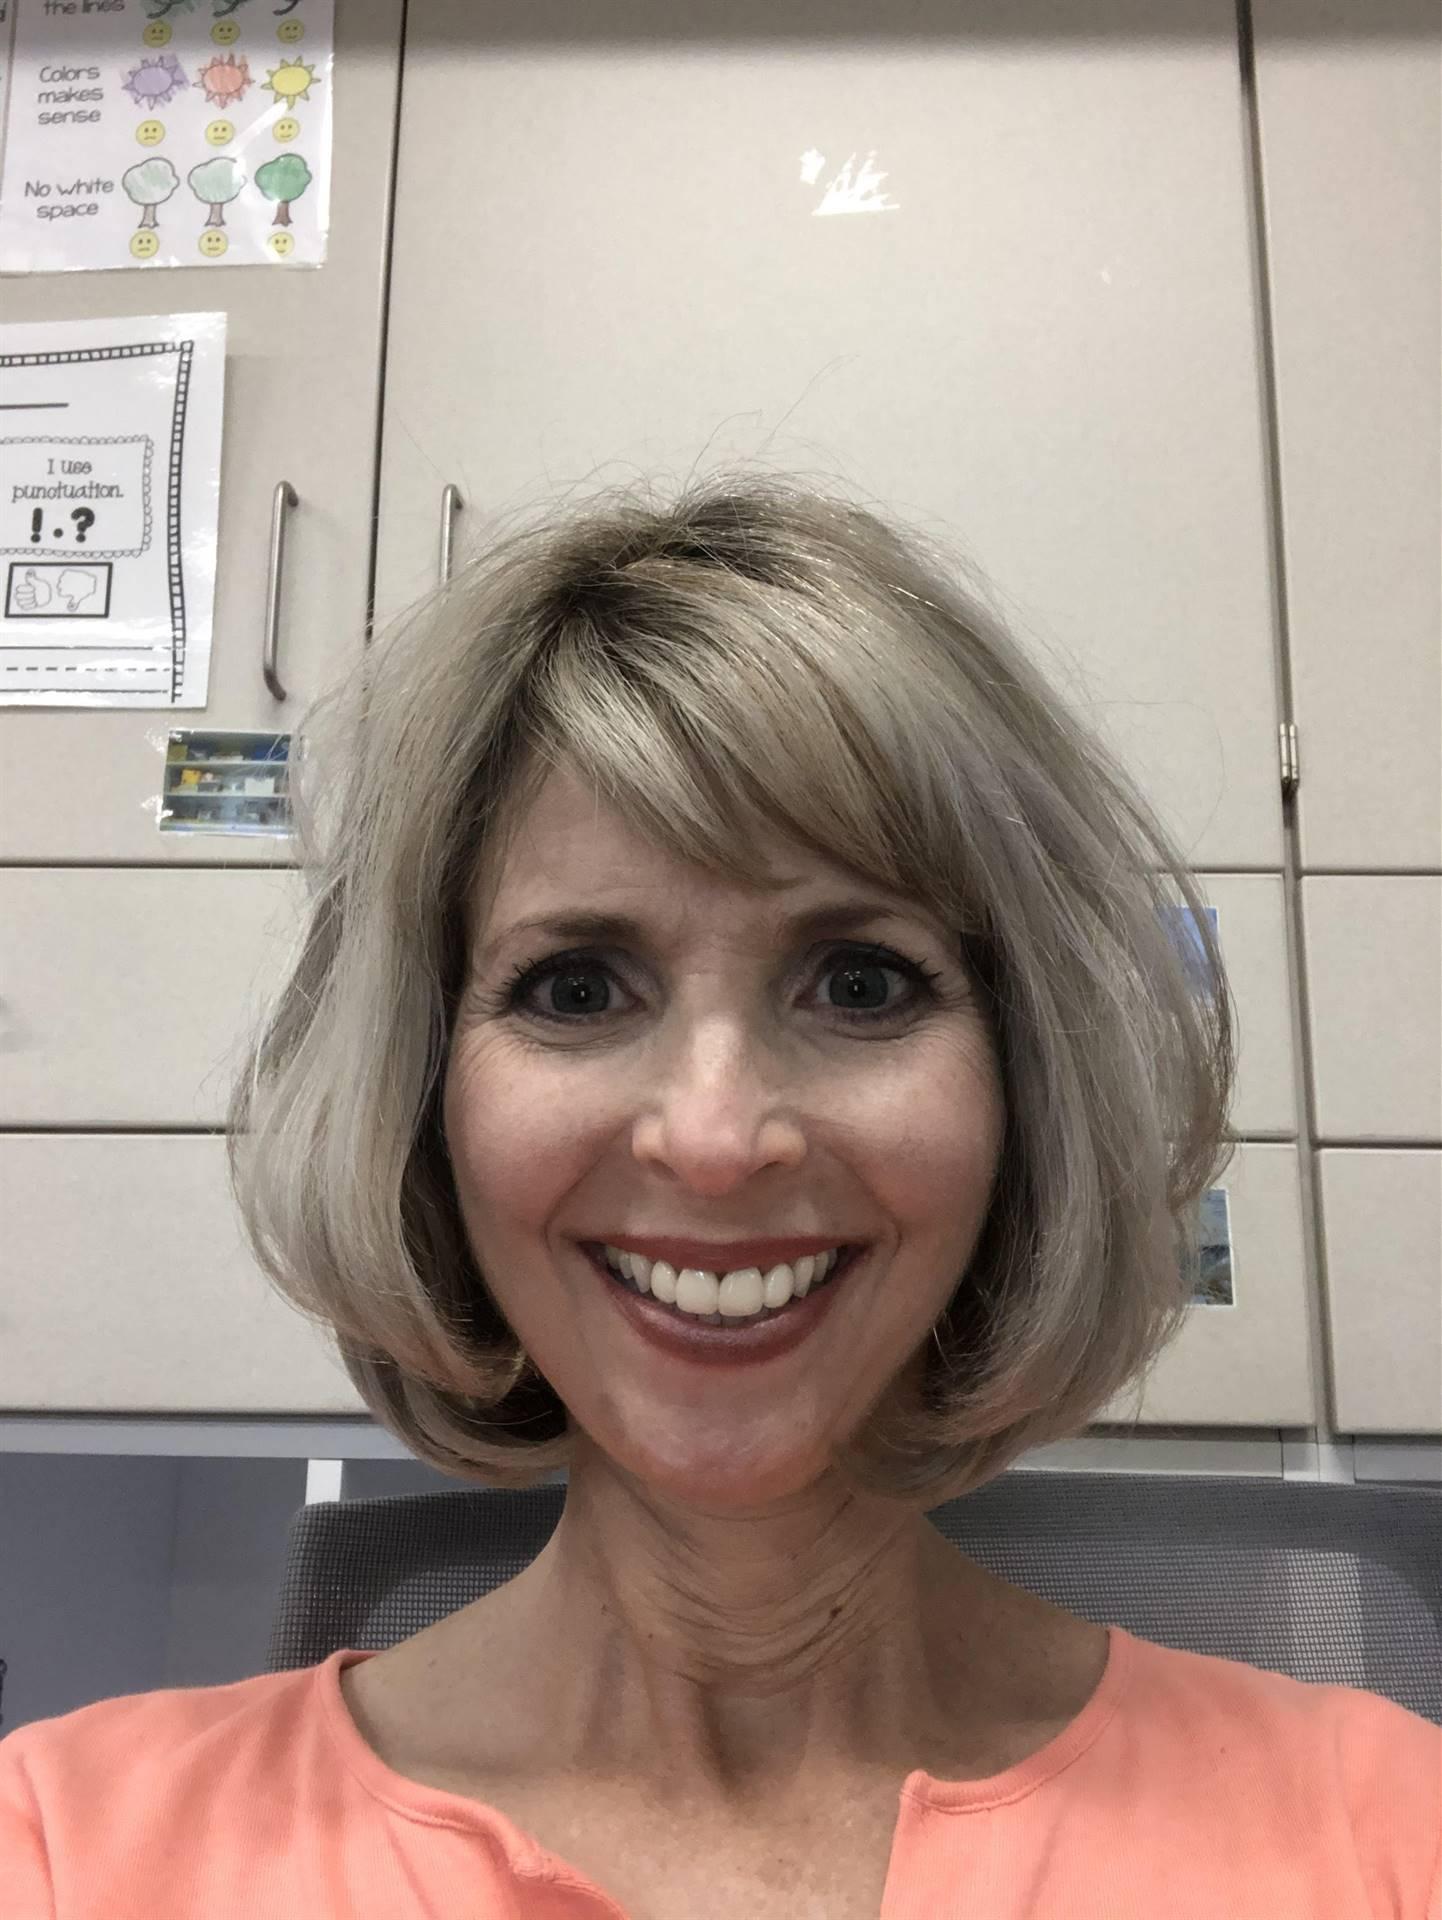 Ms. Treptow